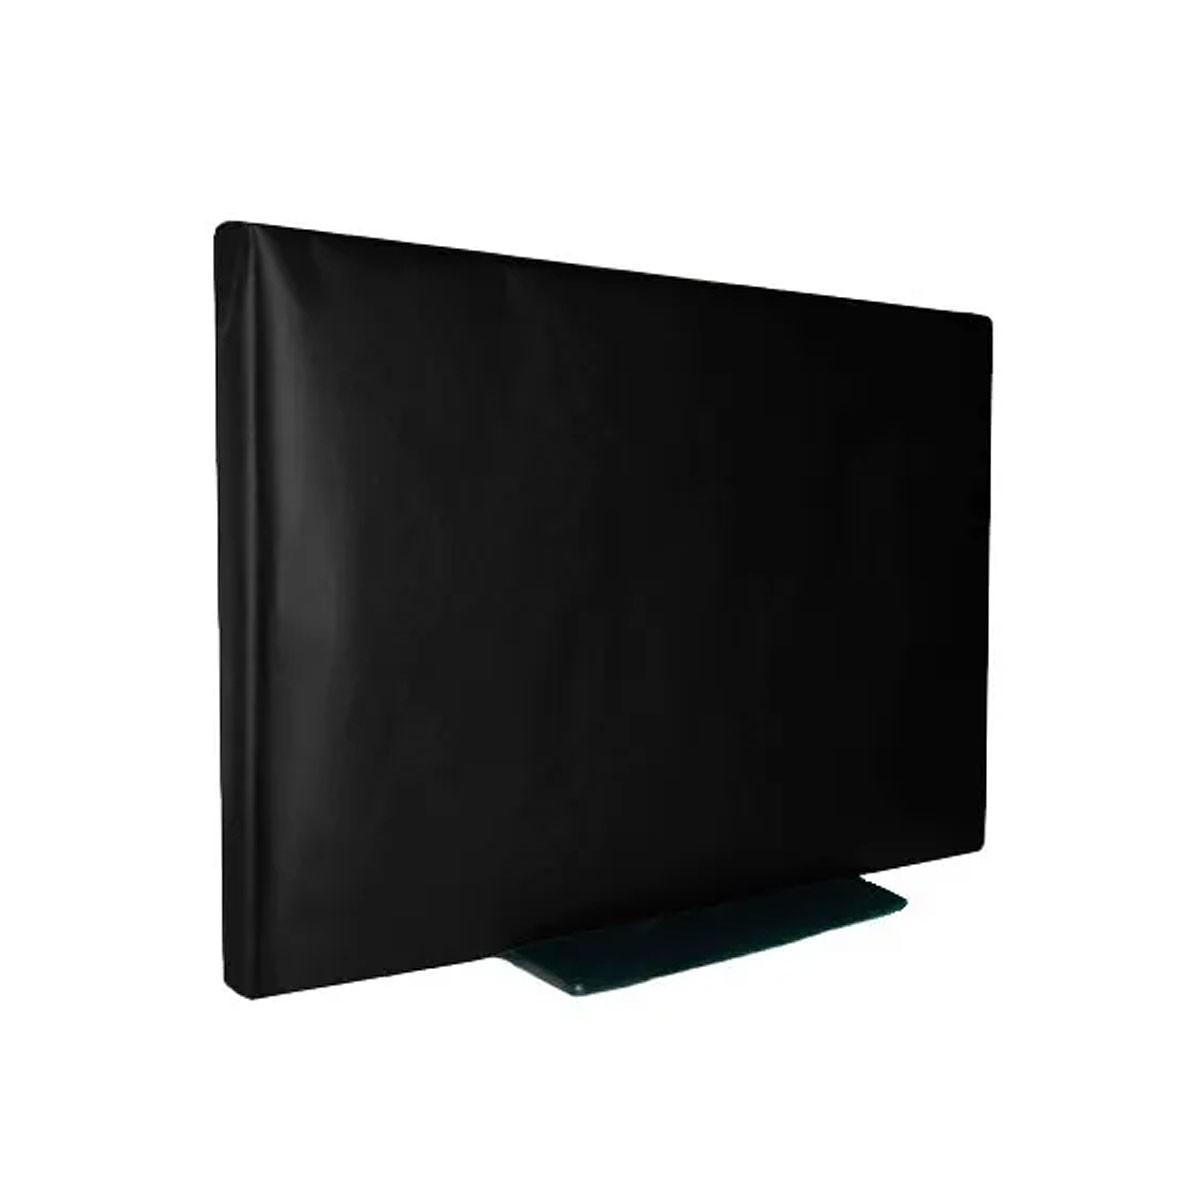 Capa Tv Lcd 50 Em Corino Com Velcro Não Sai Com O Vento